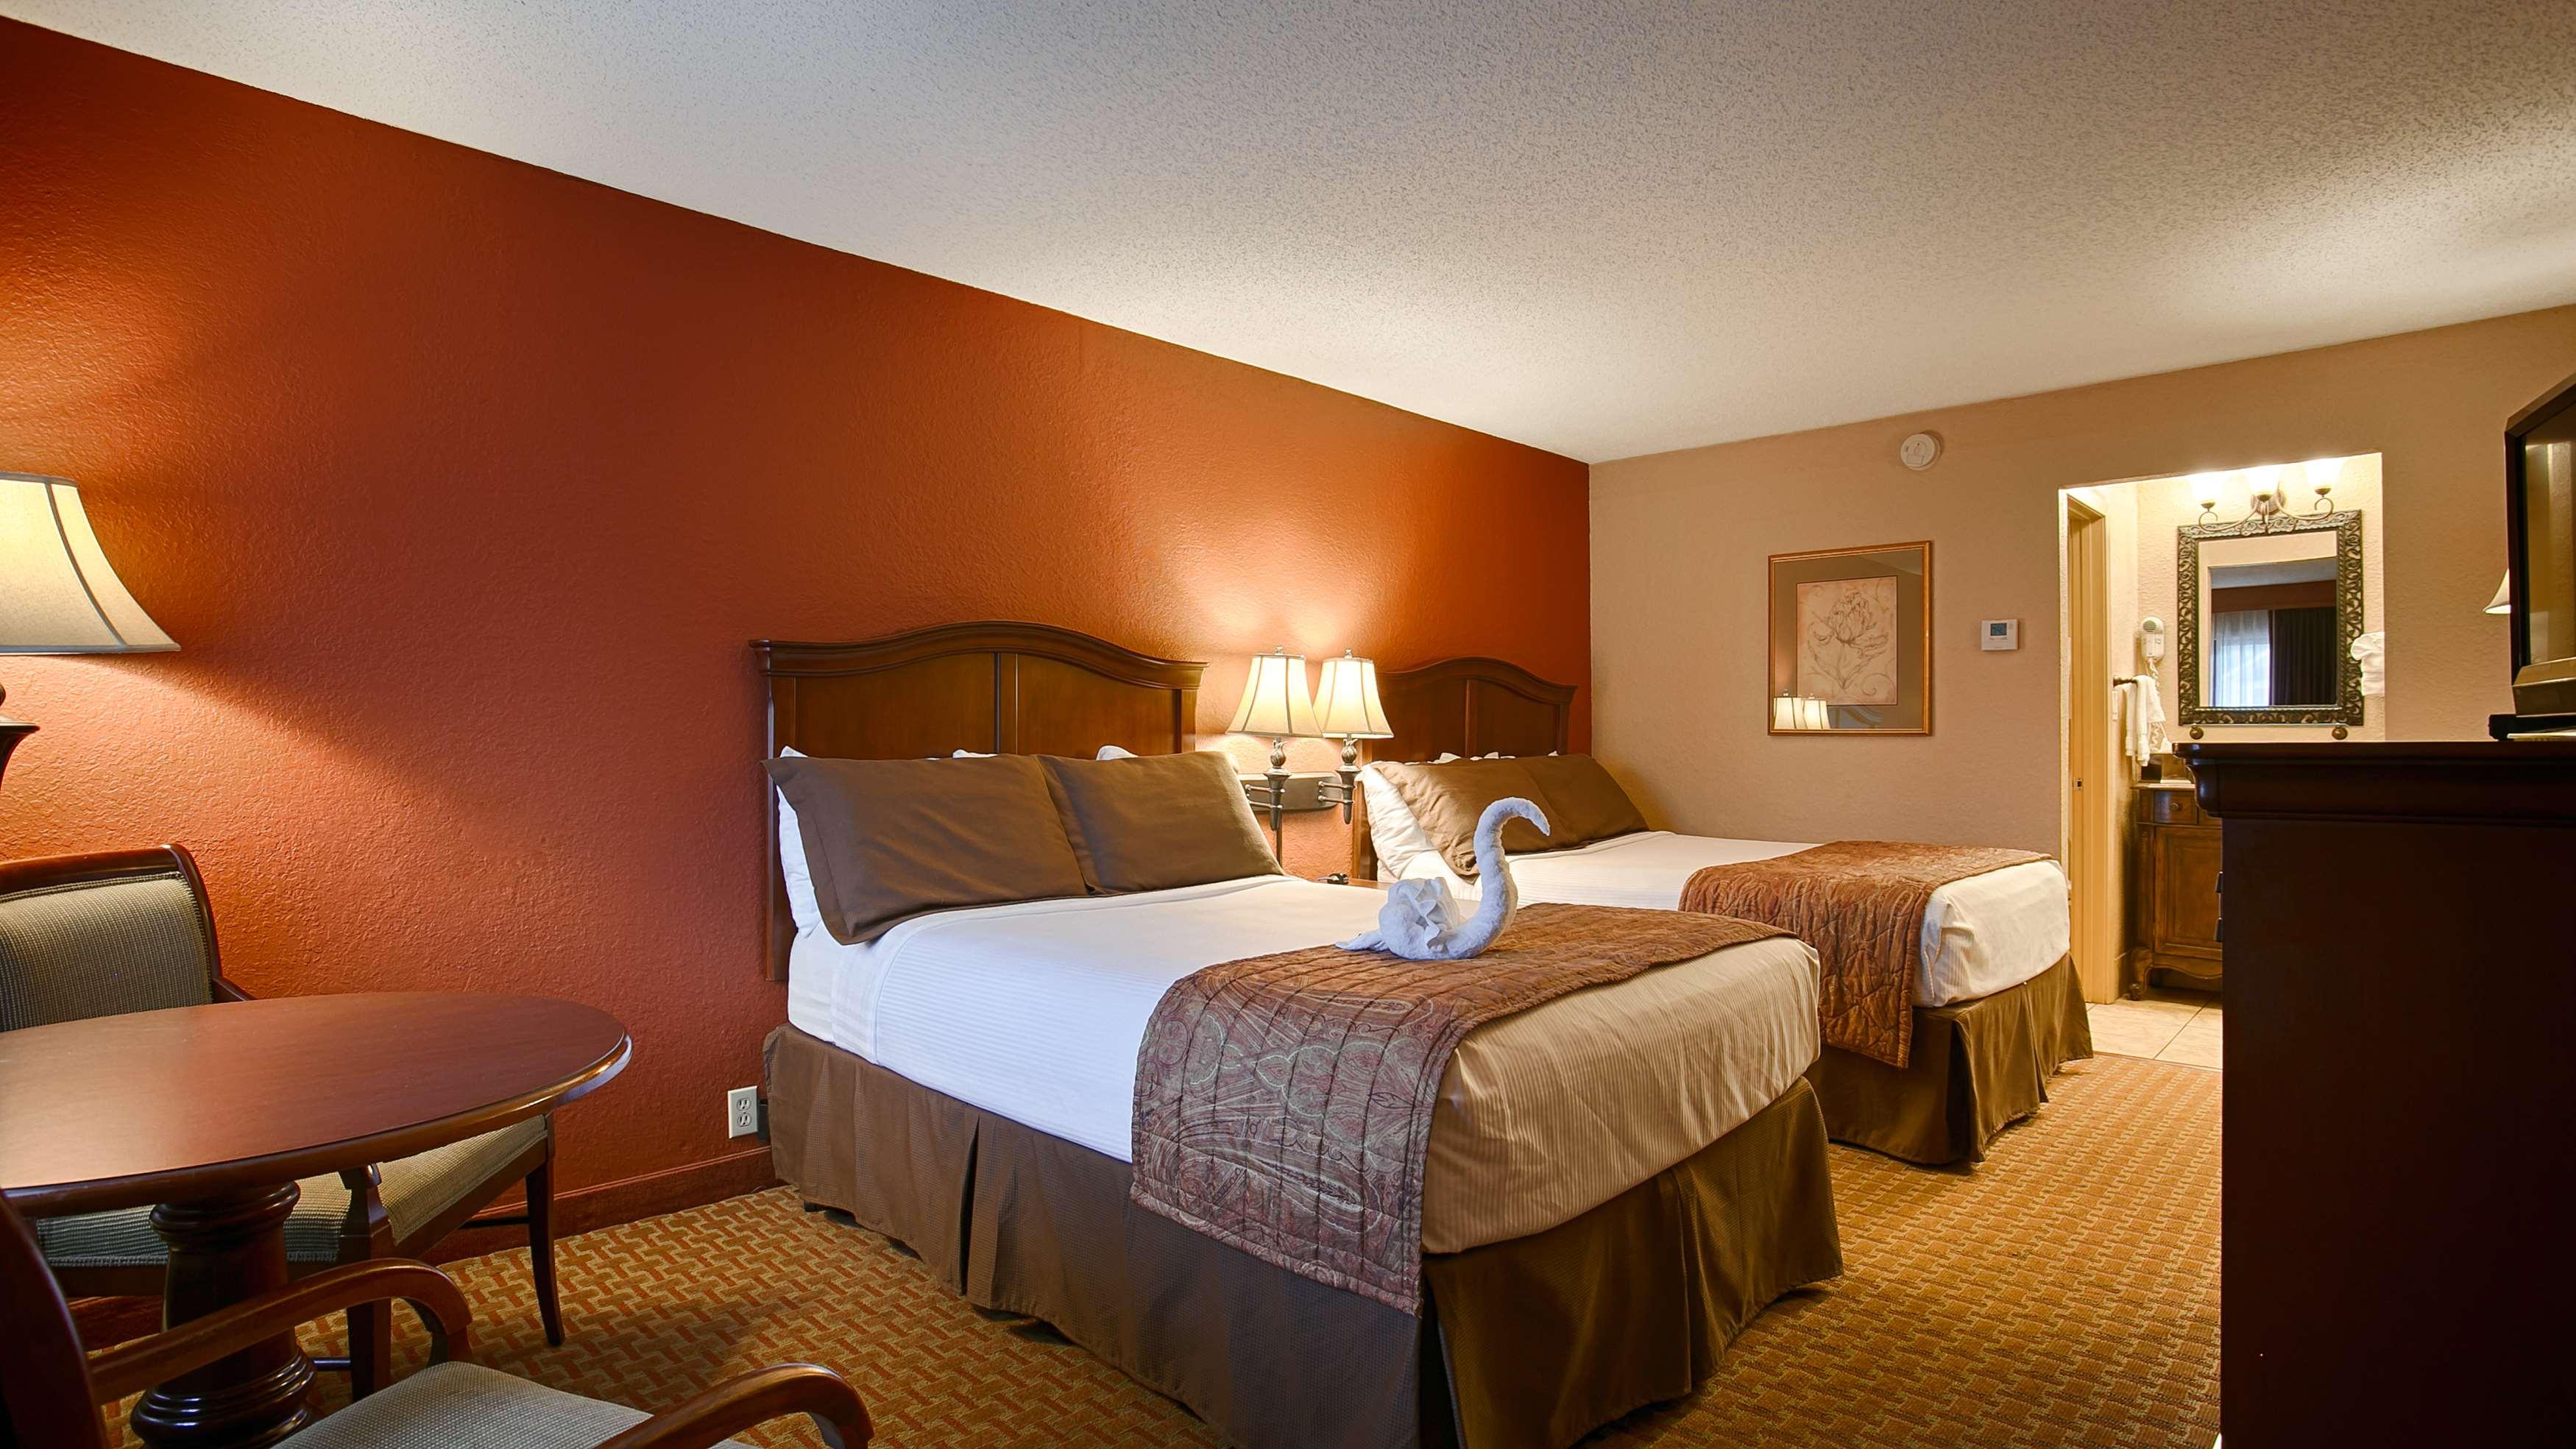 Best Western Plus Landing View Inn & Suites image 6